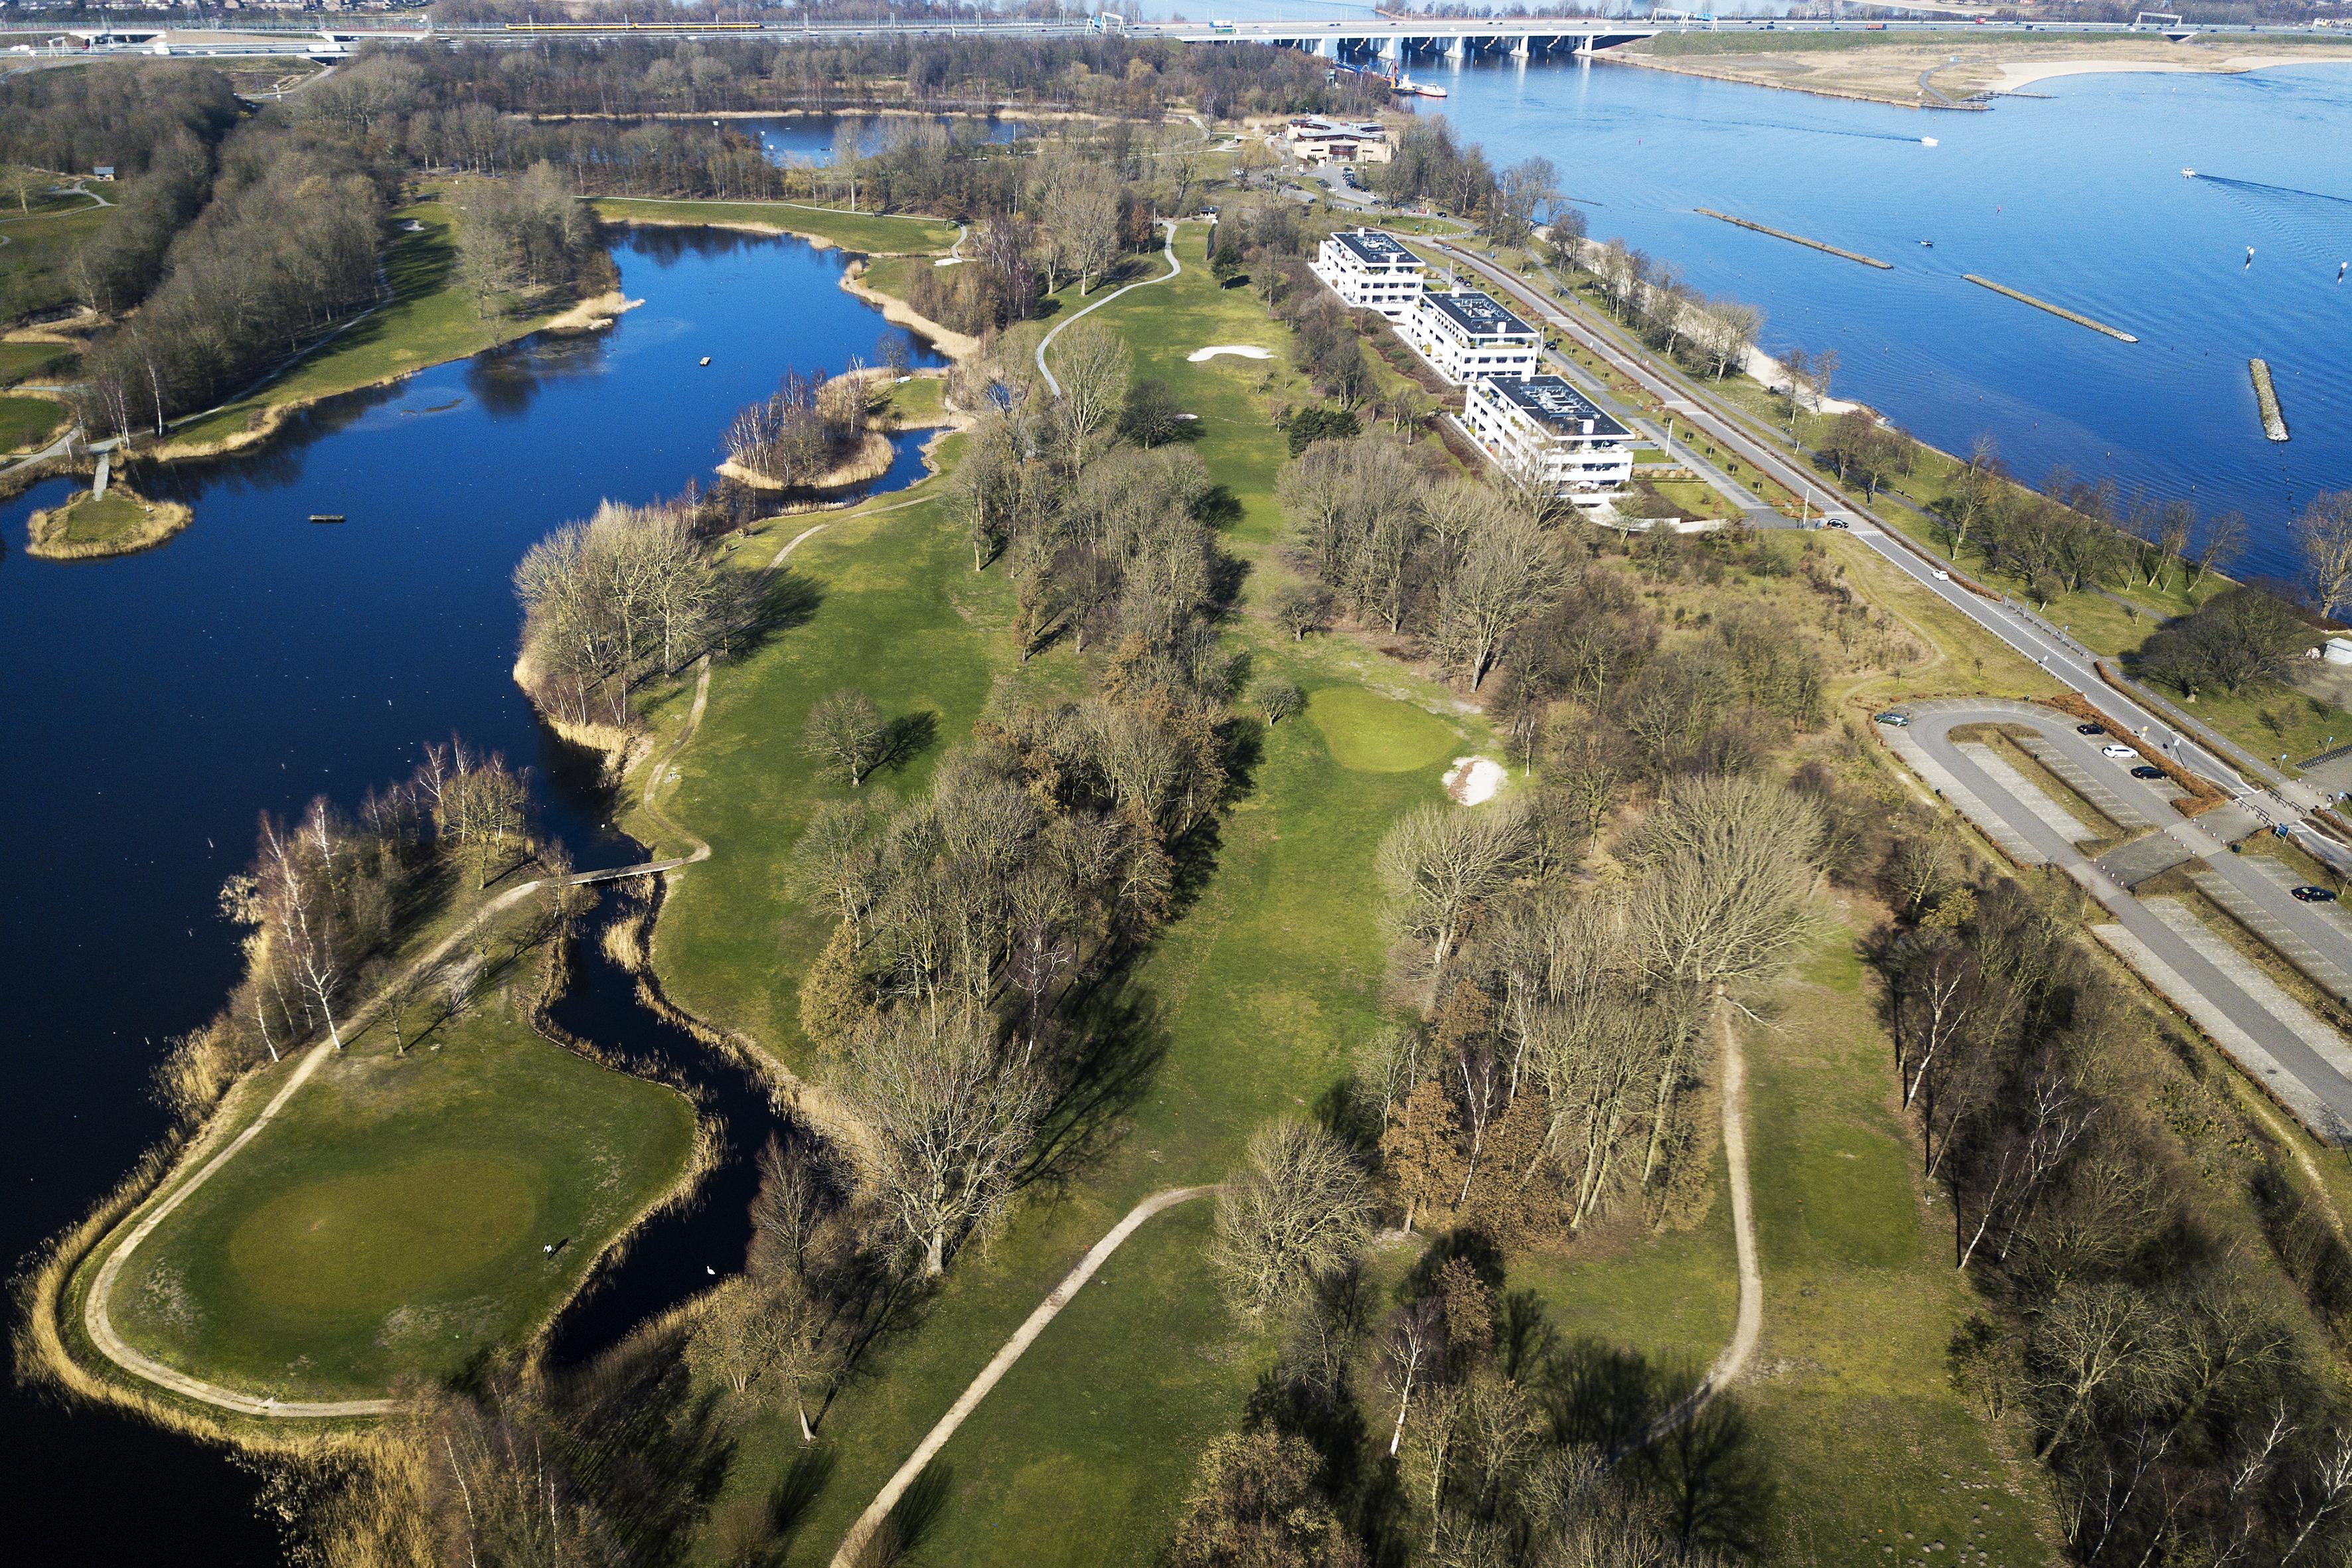 Golfbaan Naarderbos als alternatief voor zonnepark op bastion in de vesting? Eigenaar Michael van de Kuit biedt het aan